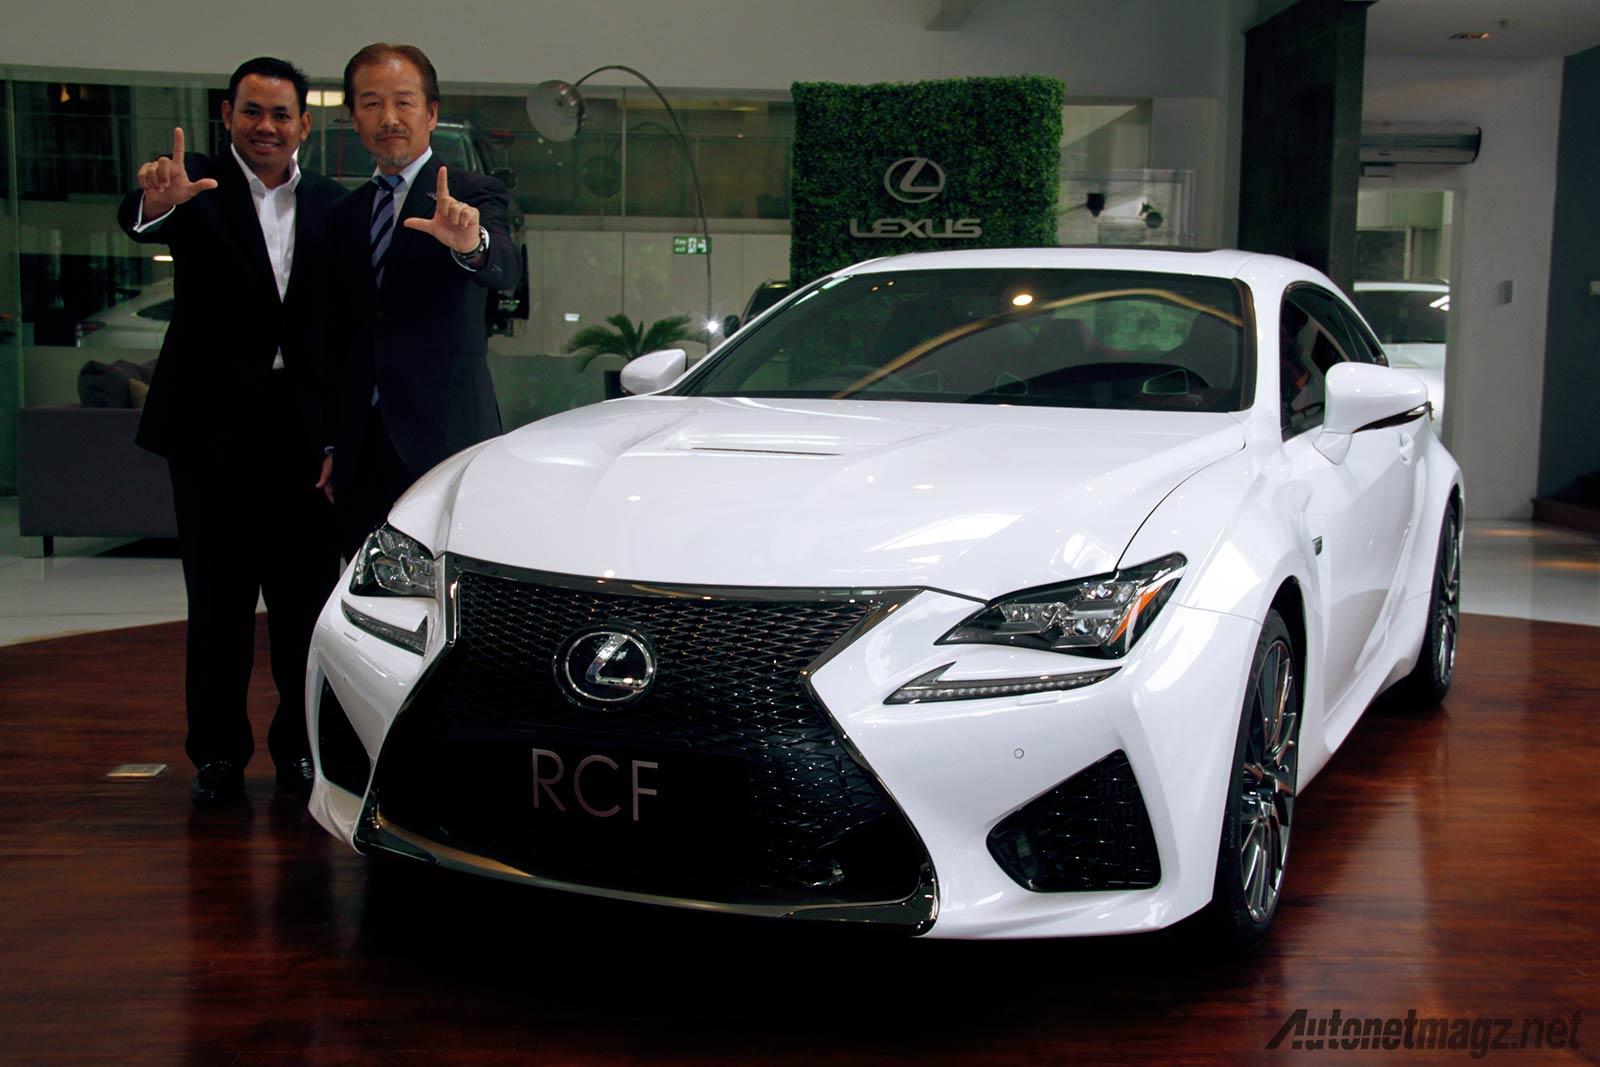 Harga-Lexus-RC-F-Indonesia